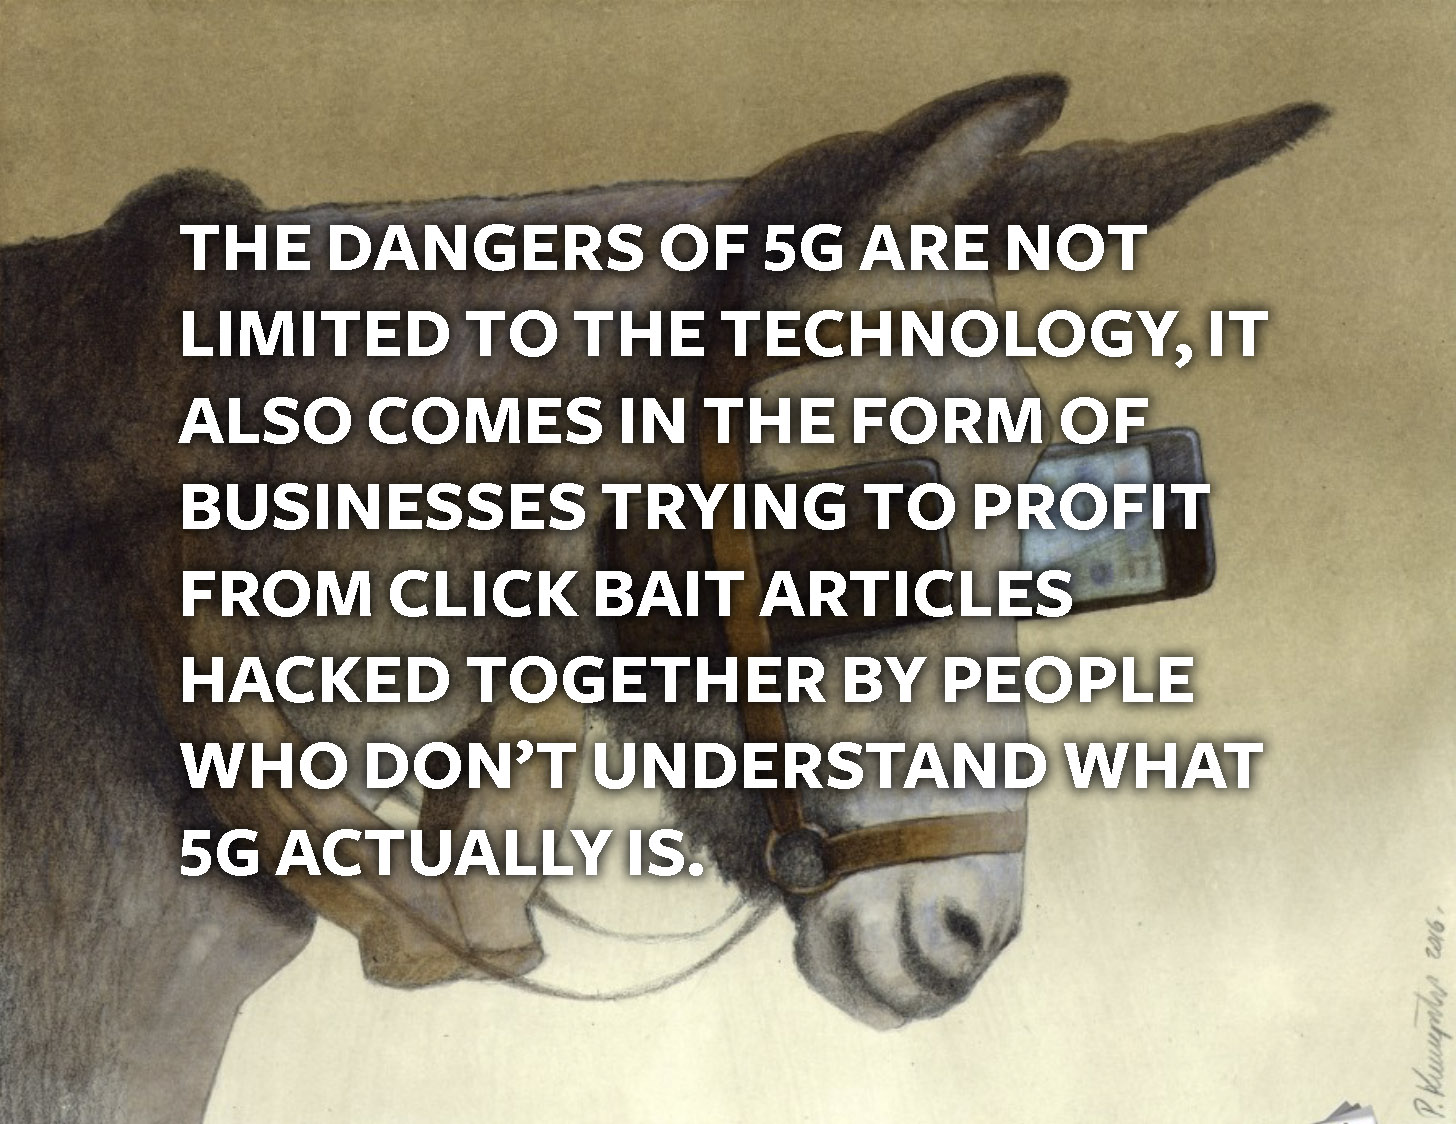 5G dangers